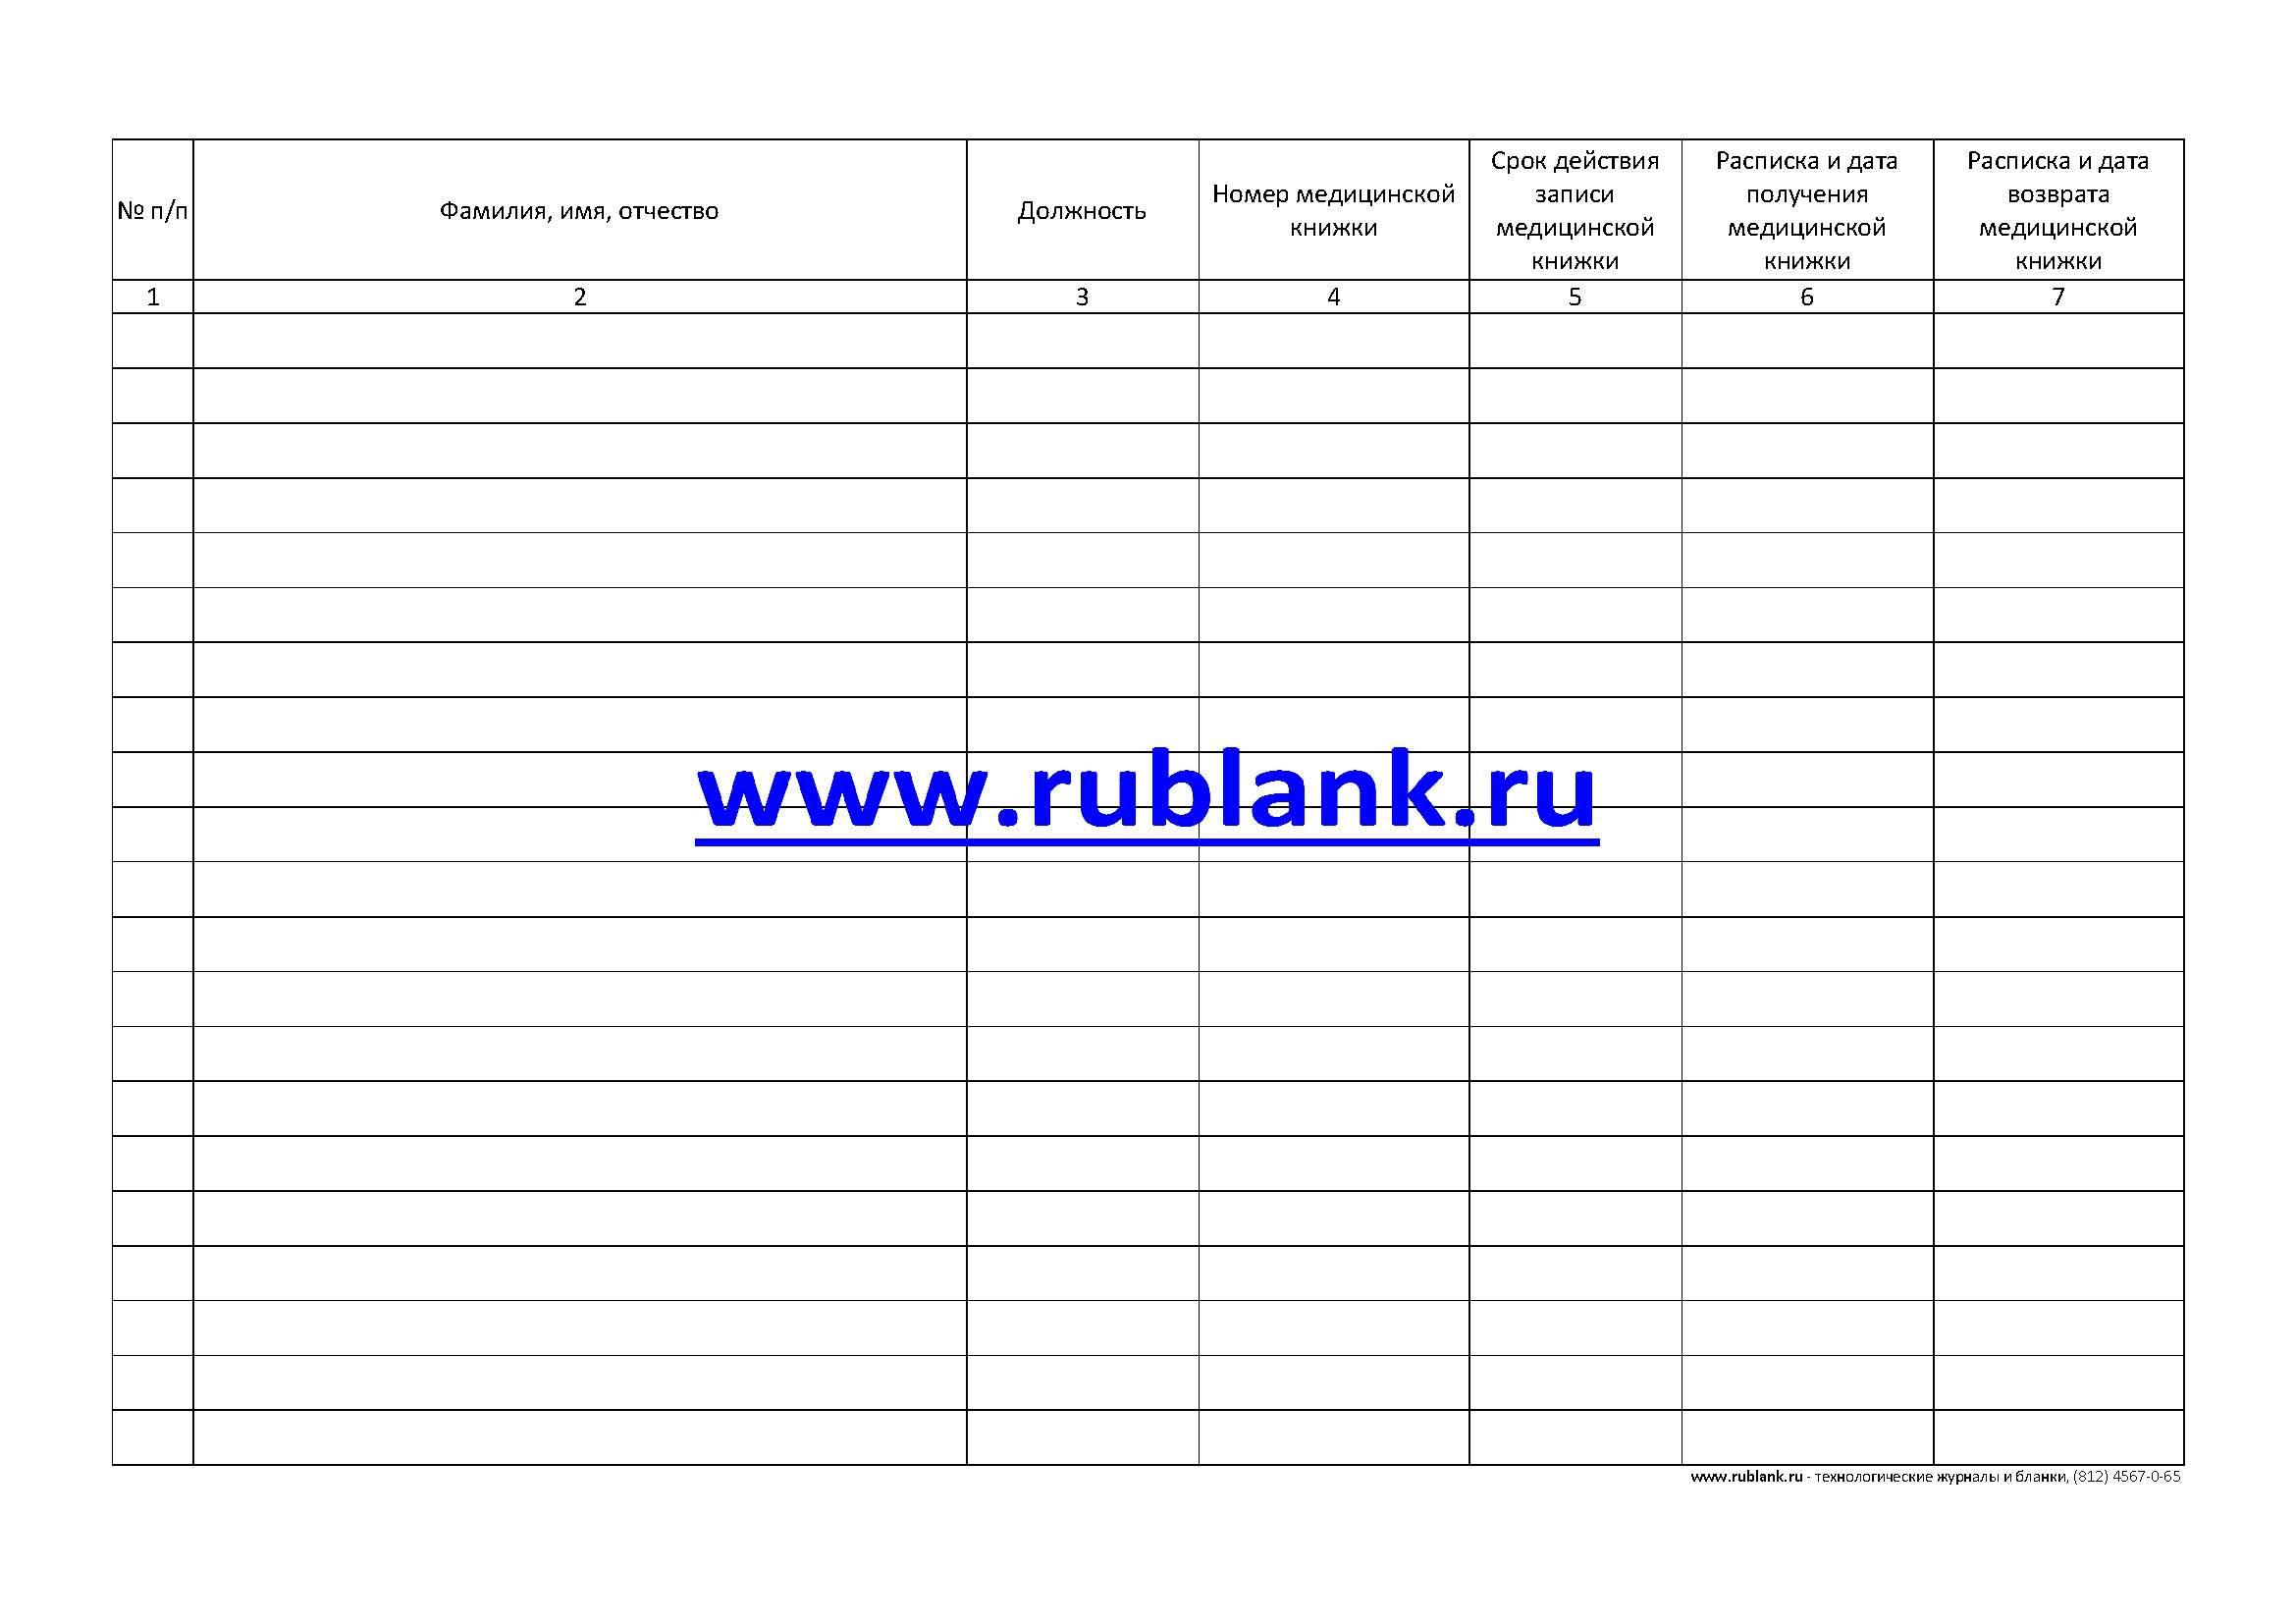 Регистрация медицинских книжек бланк для временной регистрации ребенка